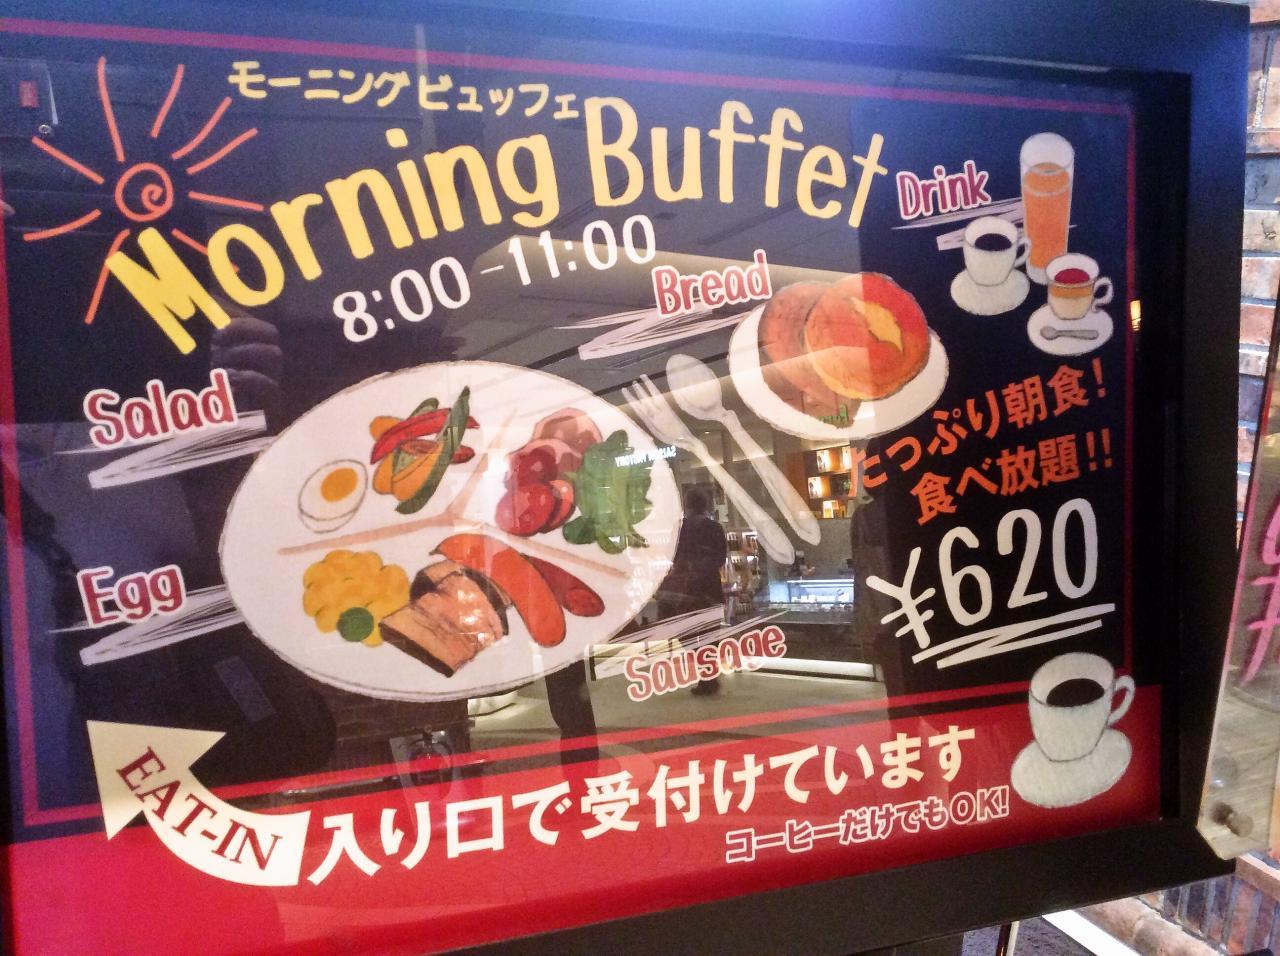 バルマルシェ コダマエキュート品川店(メニュー)